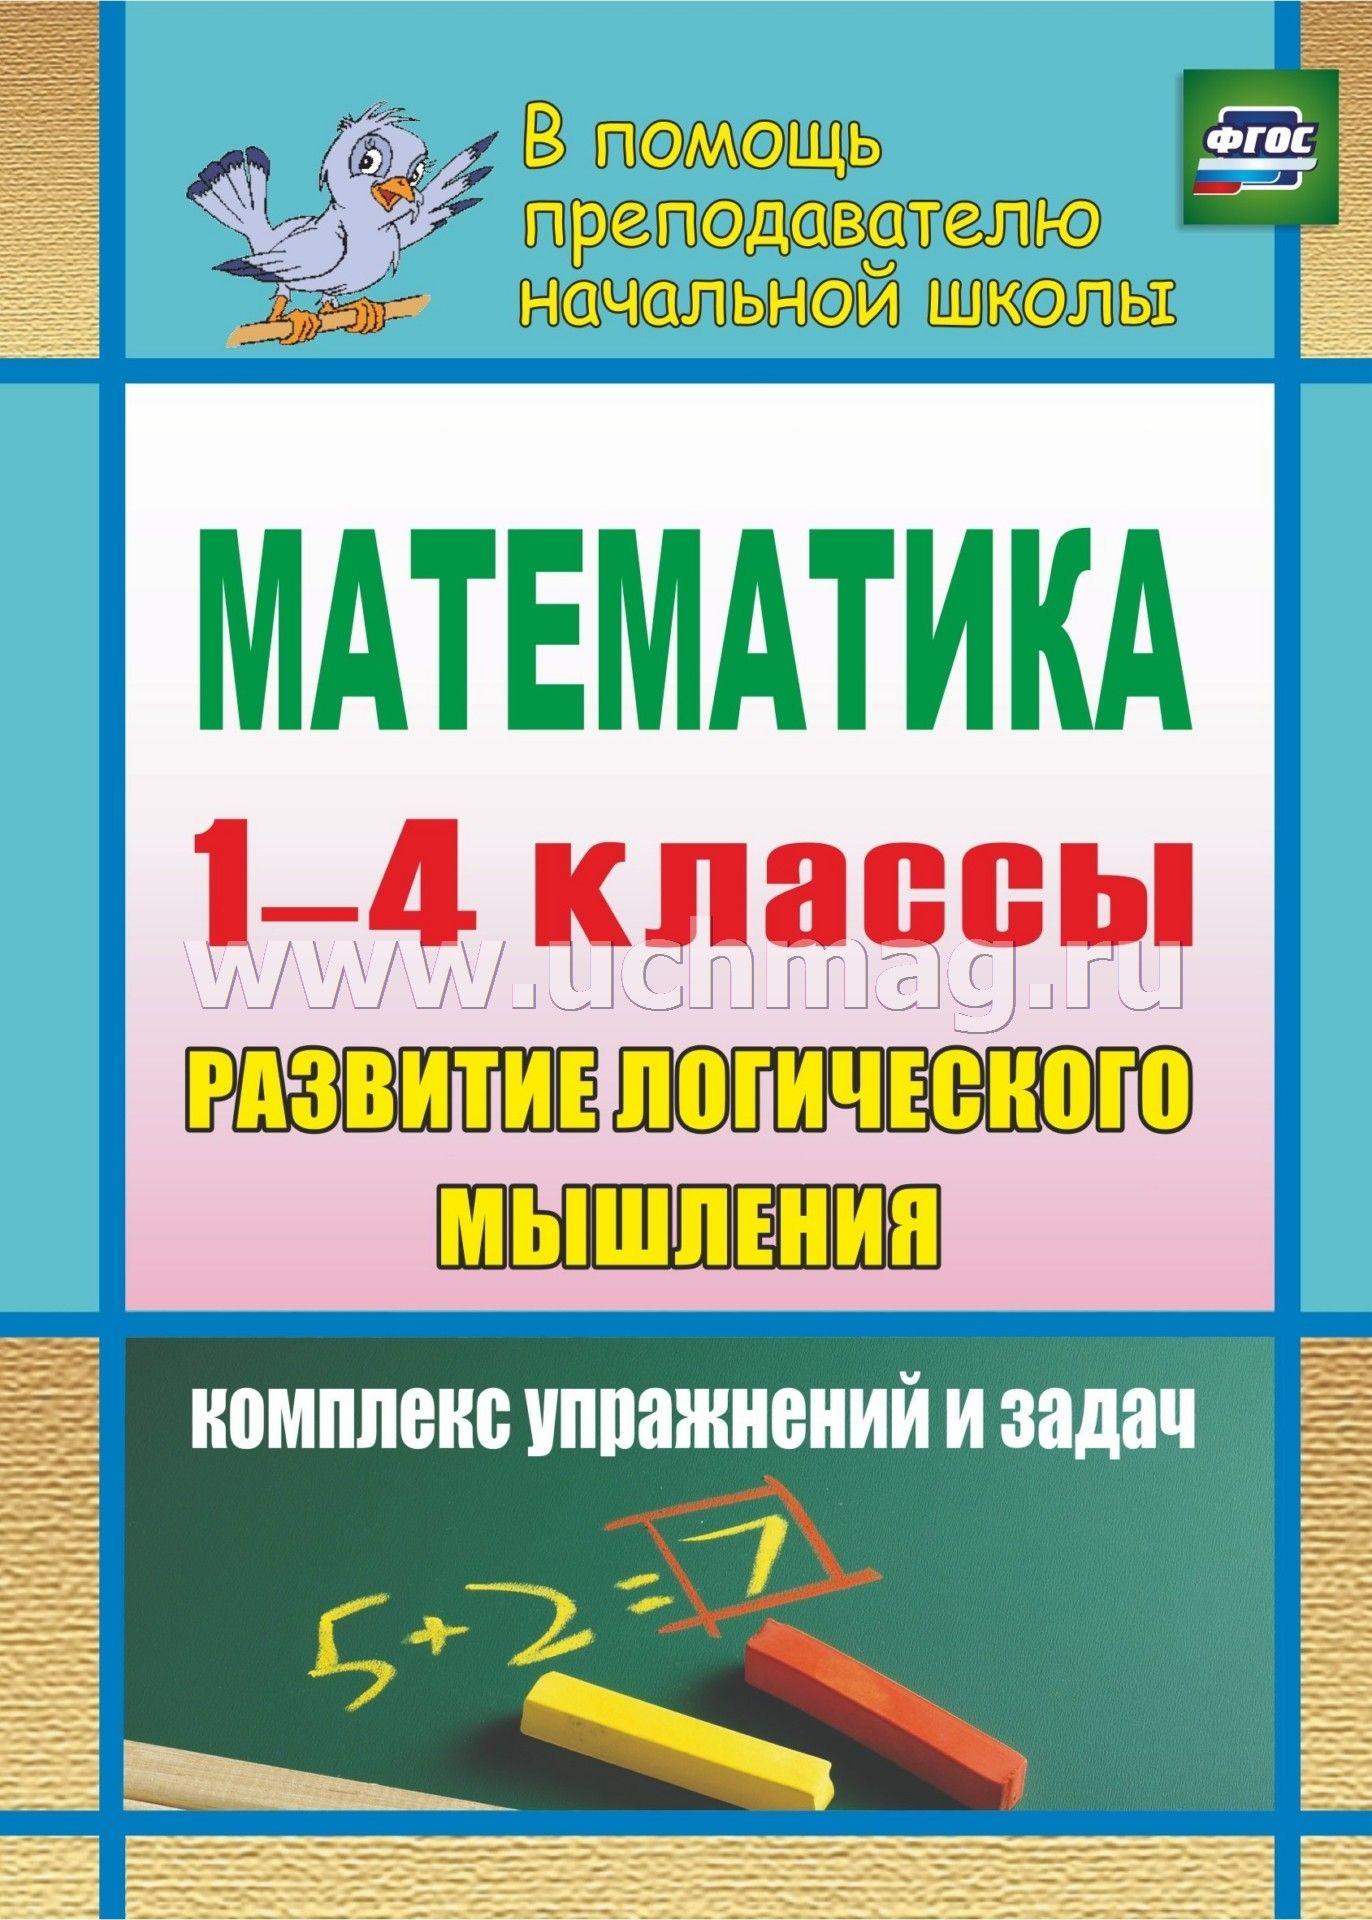 Занимательные математические задачи дополнительные занятия для учащихся 4 классов